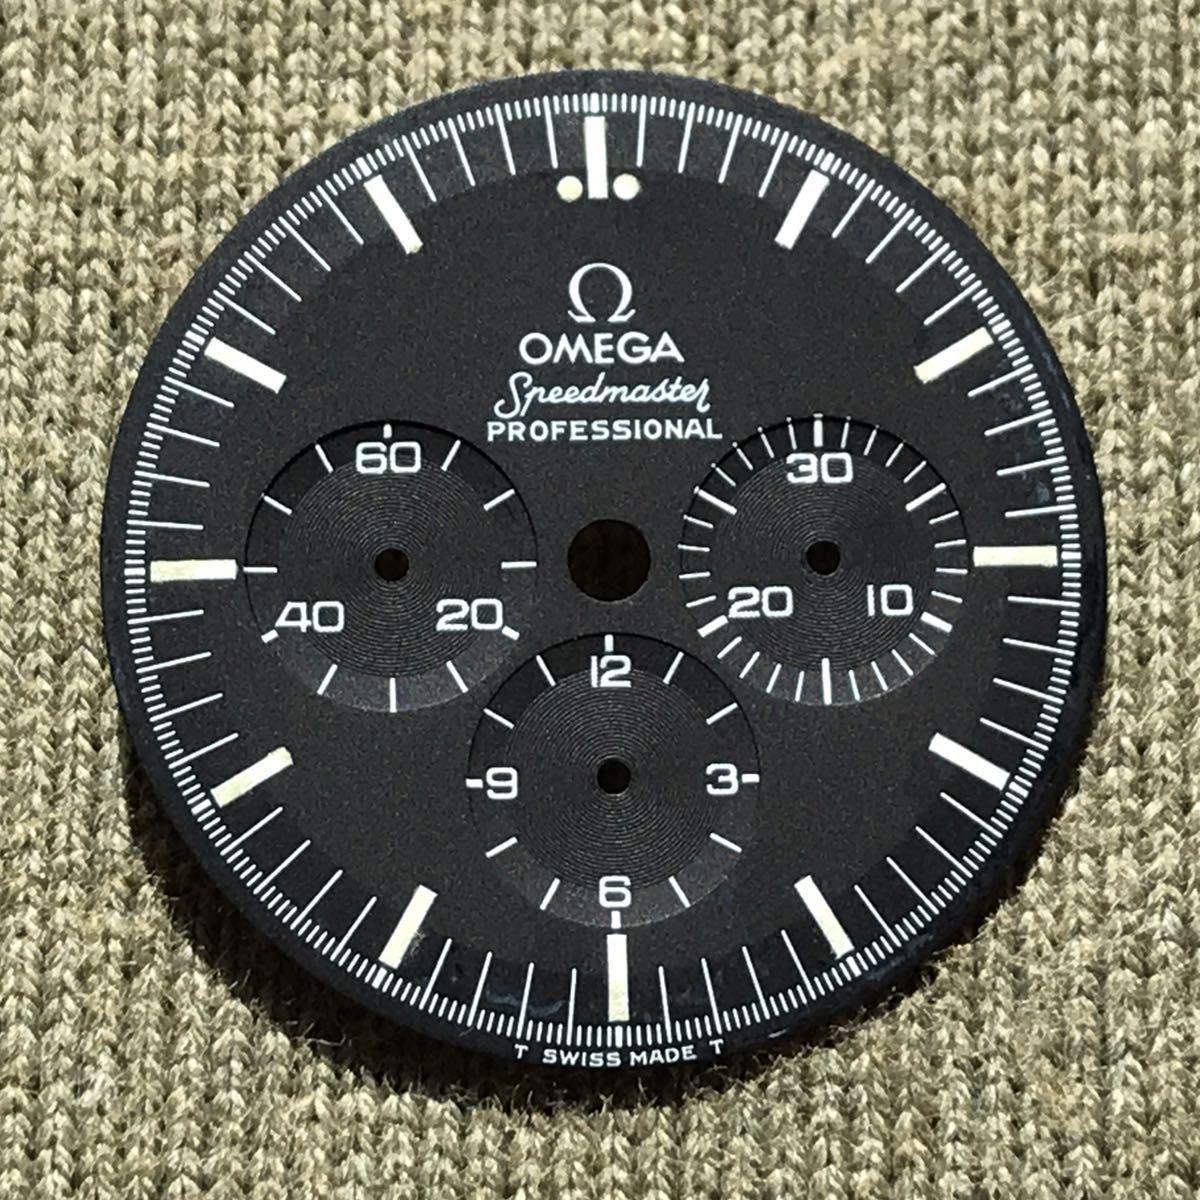 価格ご相談ください【 下がりr 】OMEGA オメガ スピードマスター プロフェッショナル 文字盤_画像2